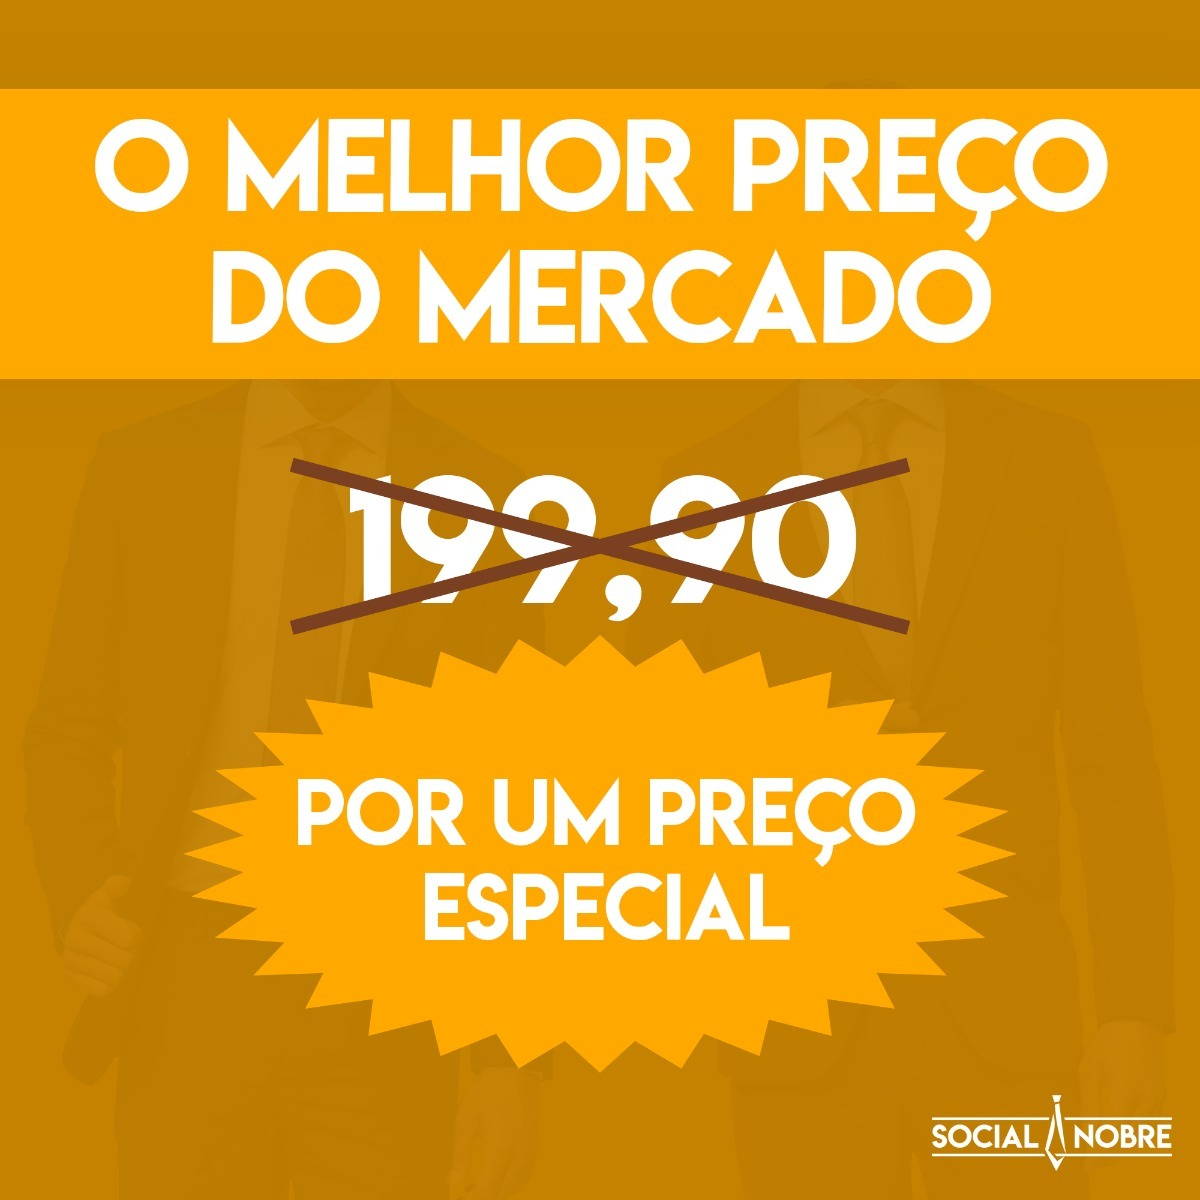 ae0a930a30d3 Terno Barato Slim Masculino Loja Da Fabrica - R$ 169,00 em Mercado Livre